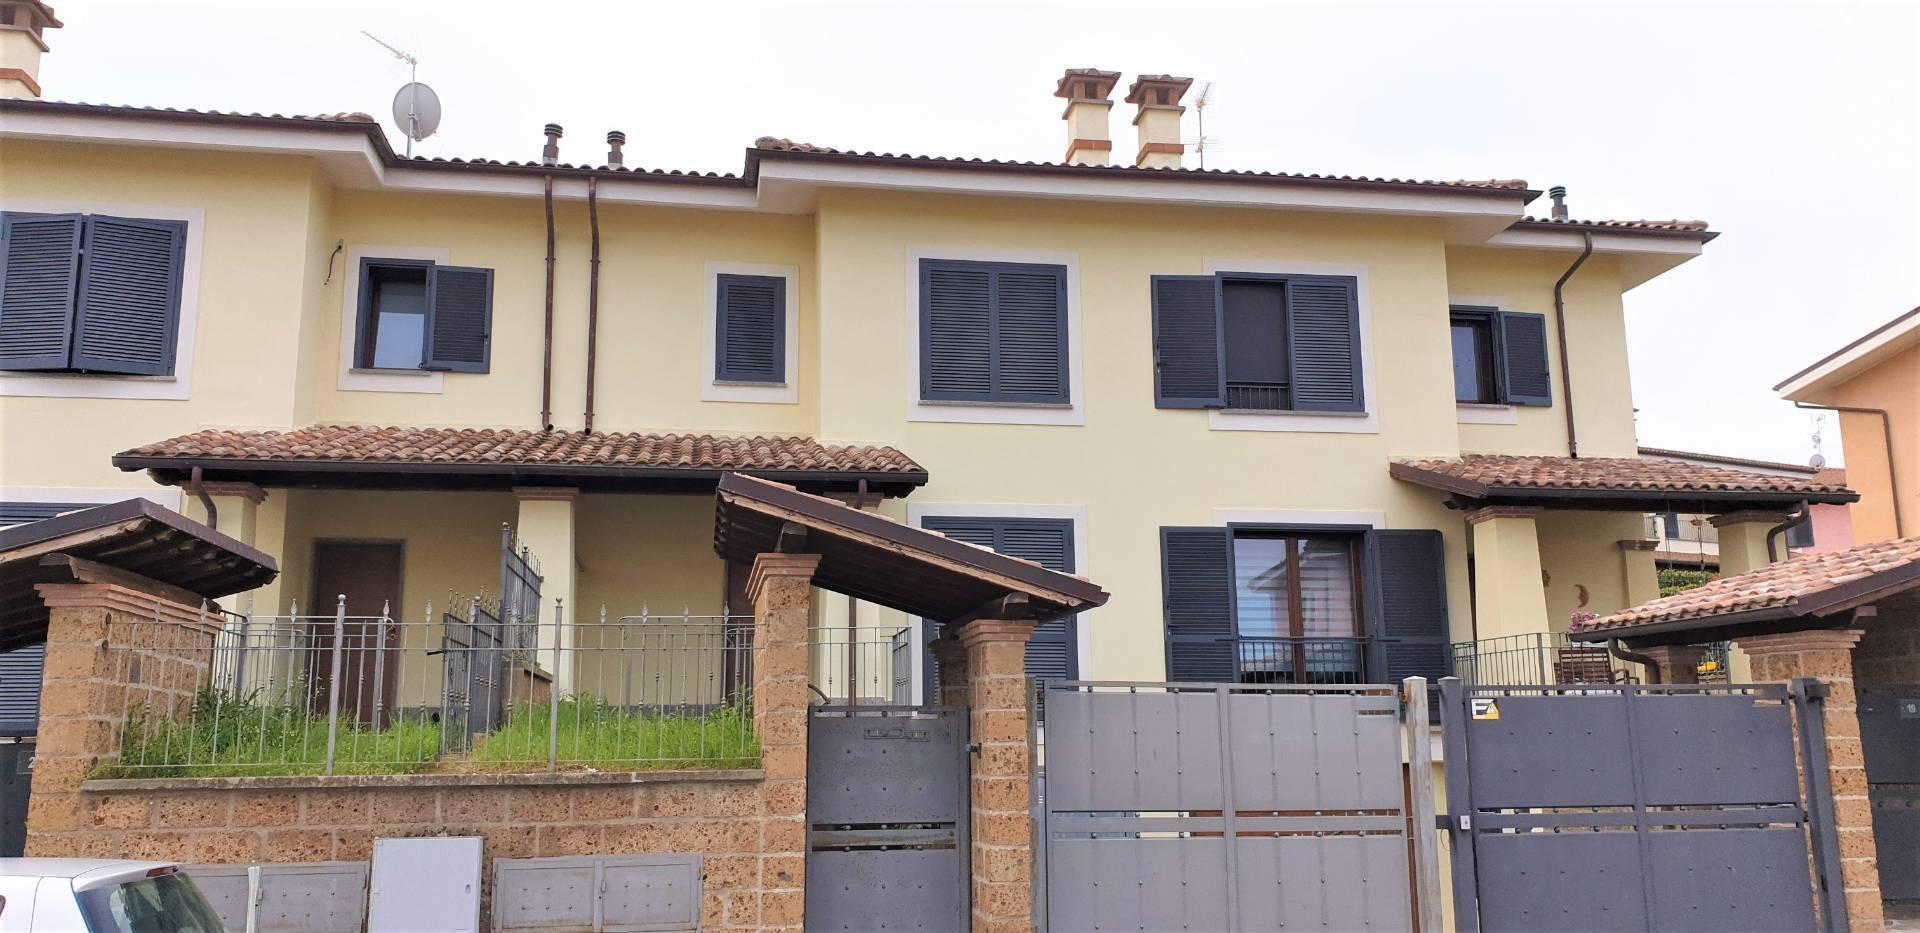 Villa in vendita a Viterbo, 7 locali, zona Zona: Semicentro, prezzo € 220.000 | CambioCasa.it